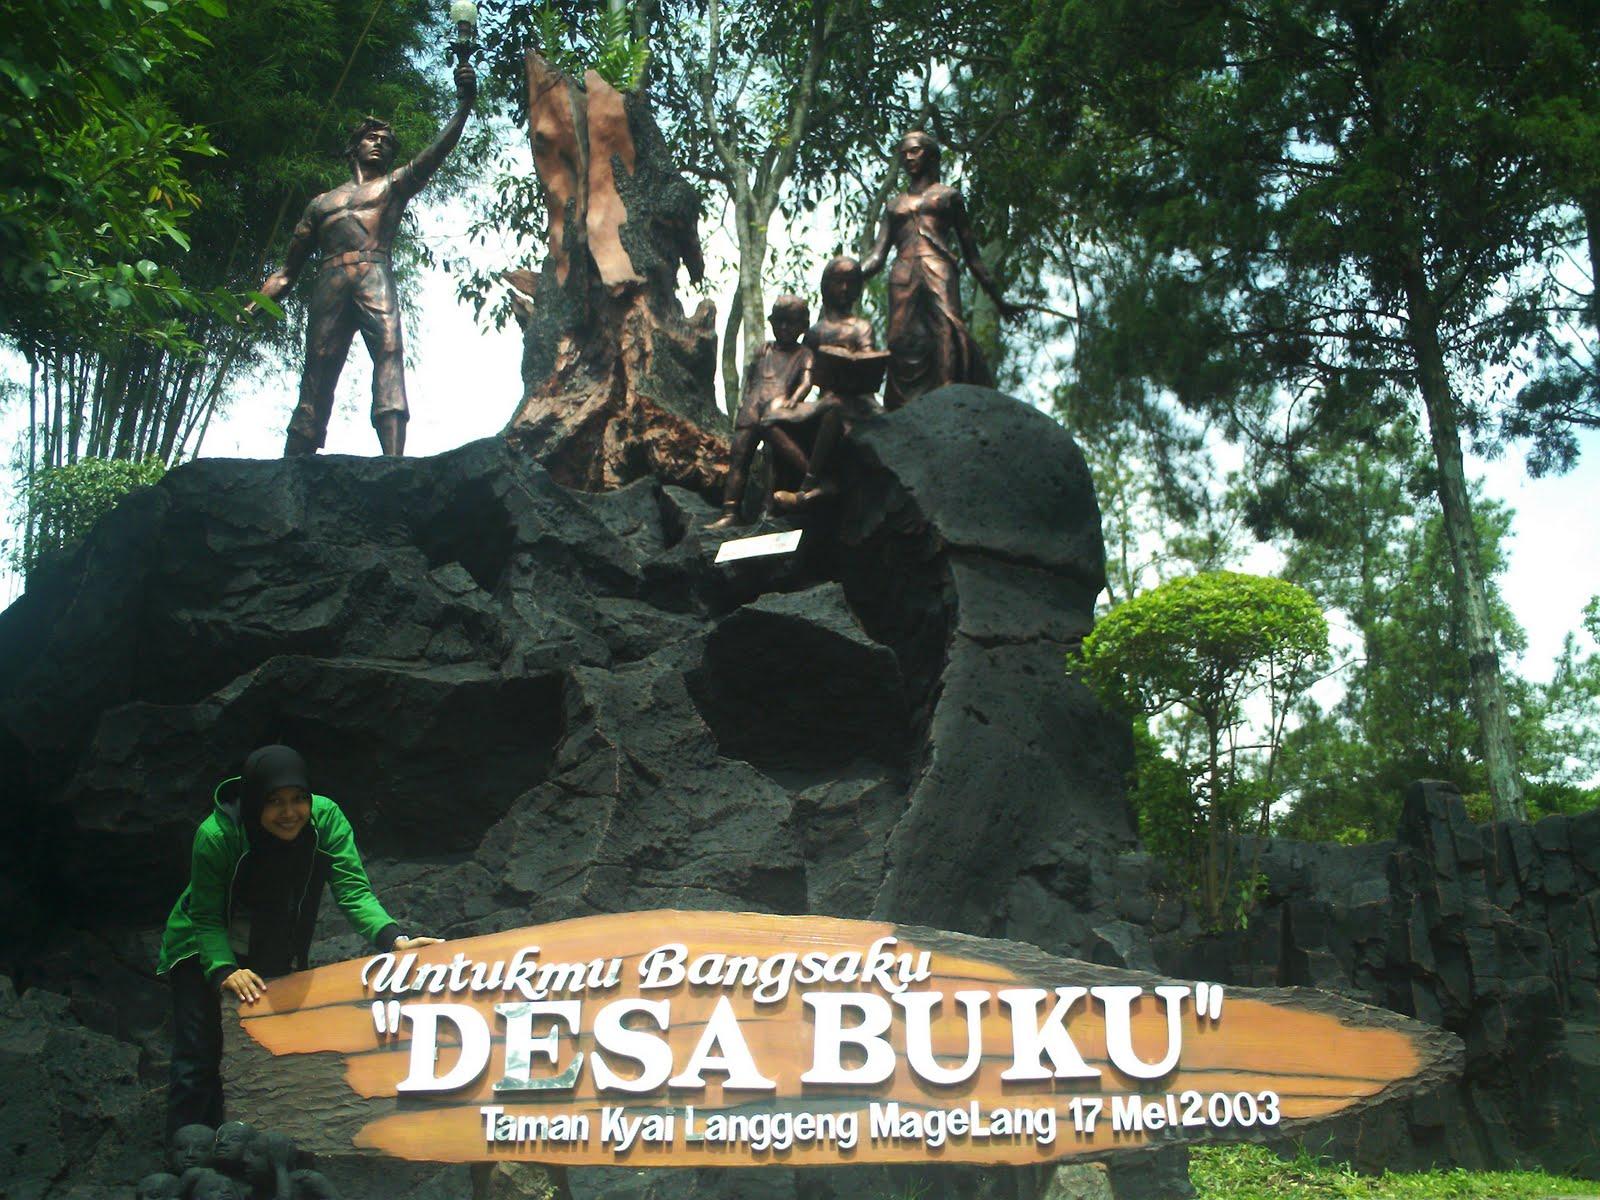 Taman Wisata Kyai Langgeng Magelang Jalan Makan Kiai Kab